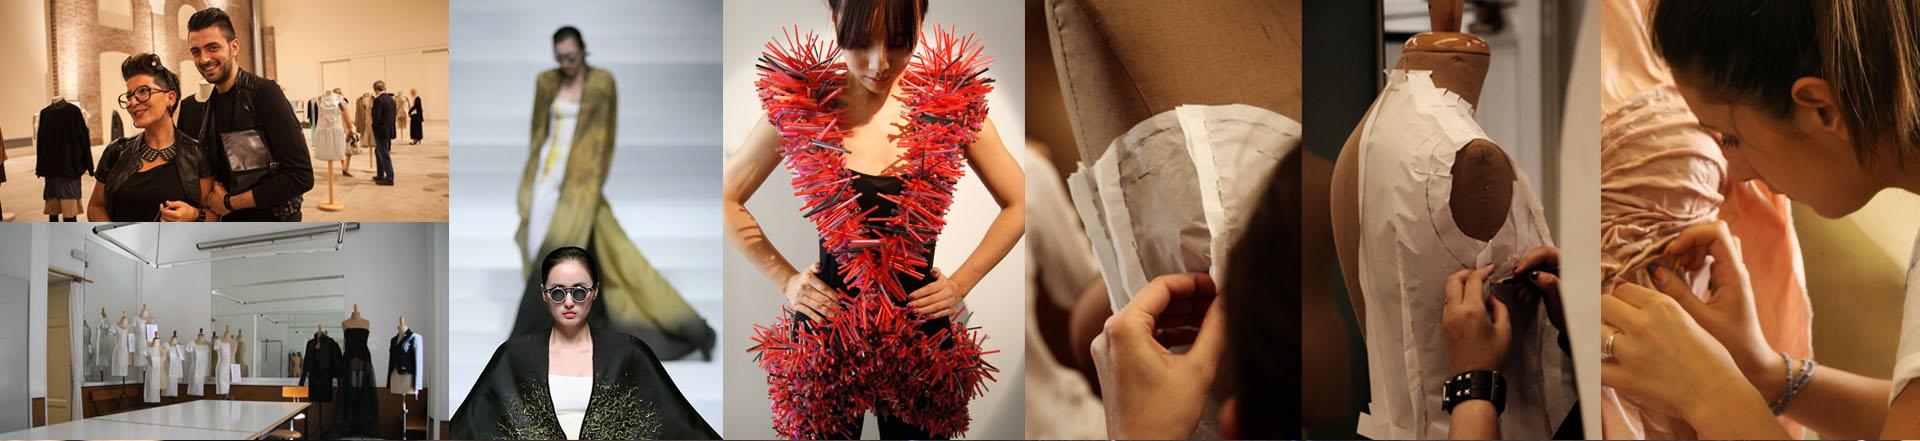 koefia - Обучение моде в Милане - итальянской столице стиля